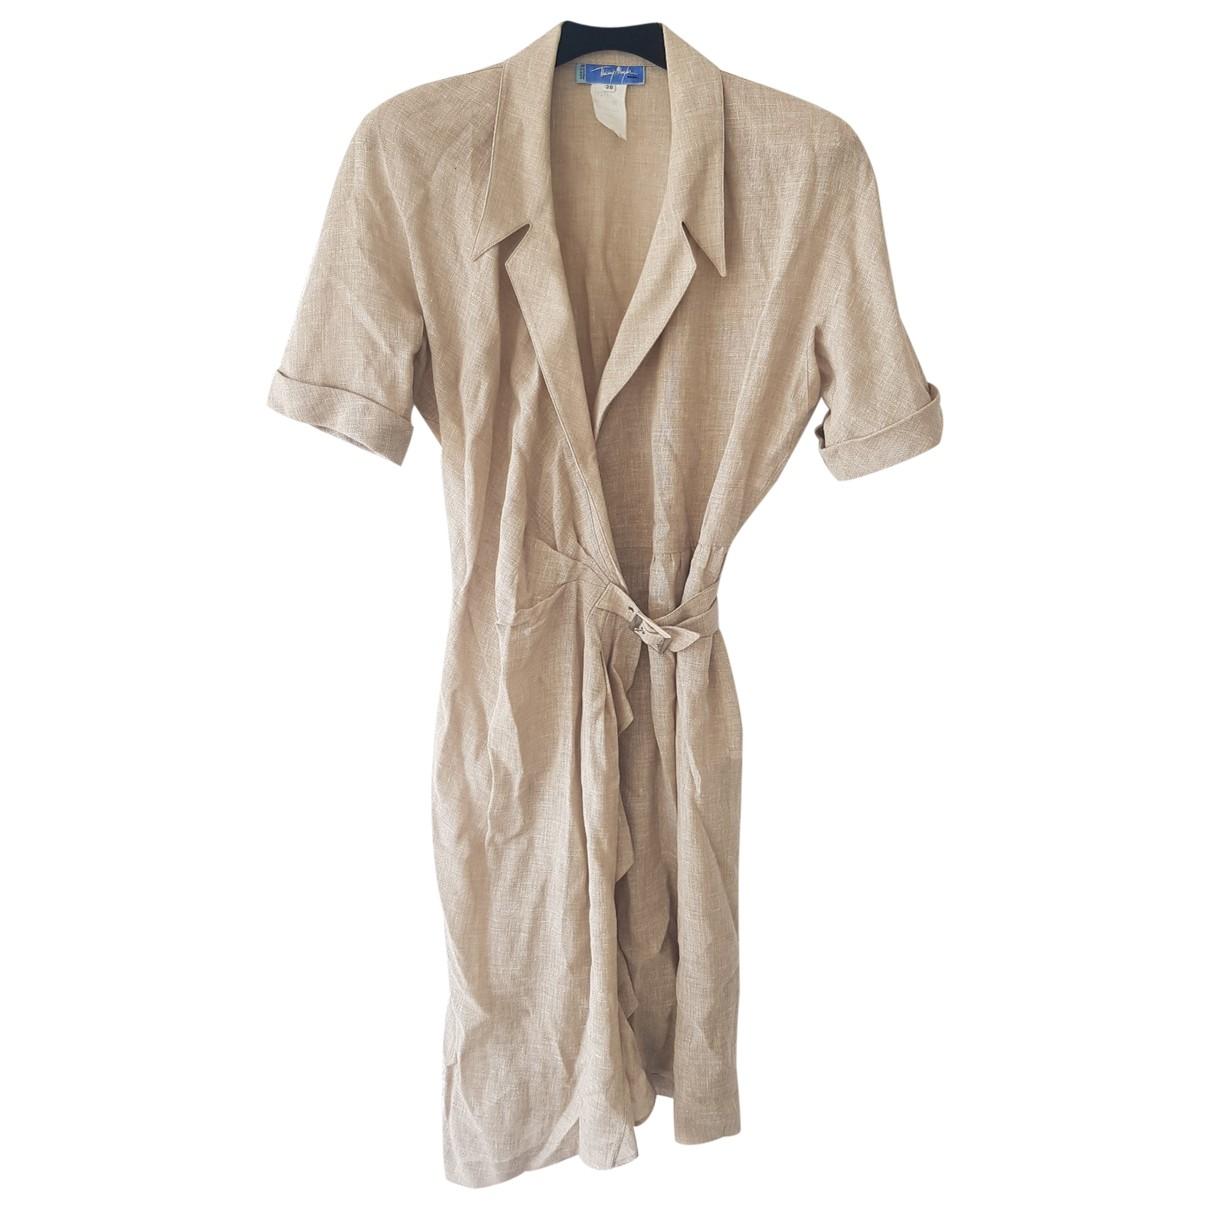 Thierry Mugler \N Beige Linen dress for Women 38 FR